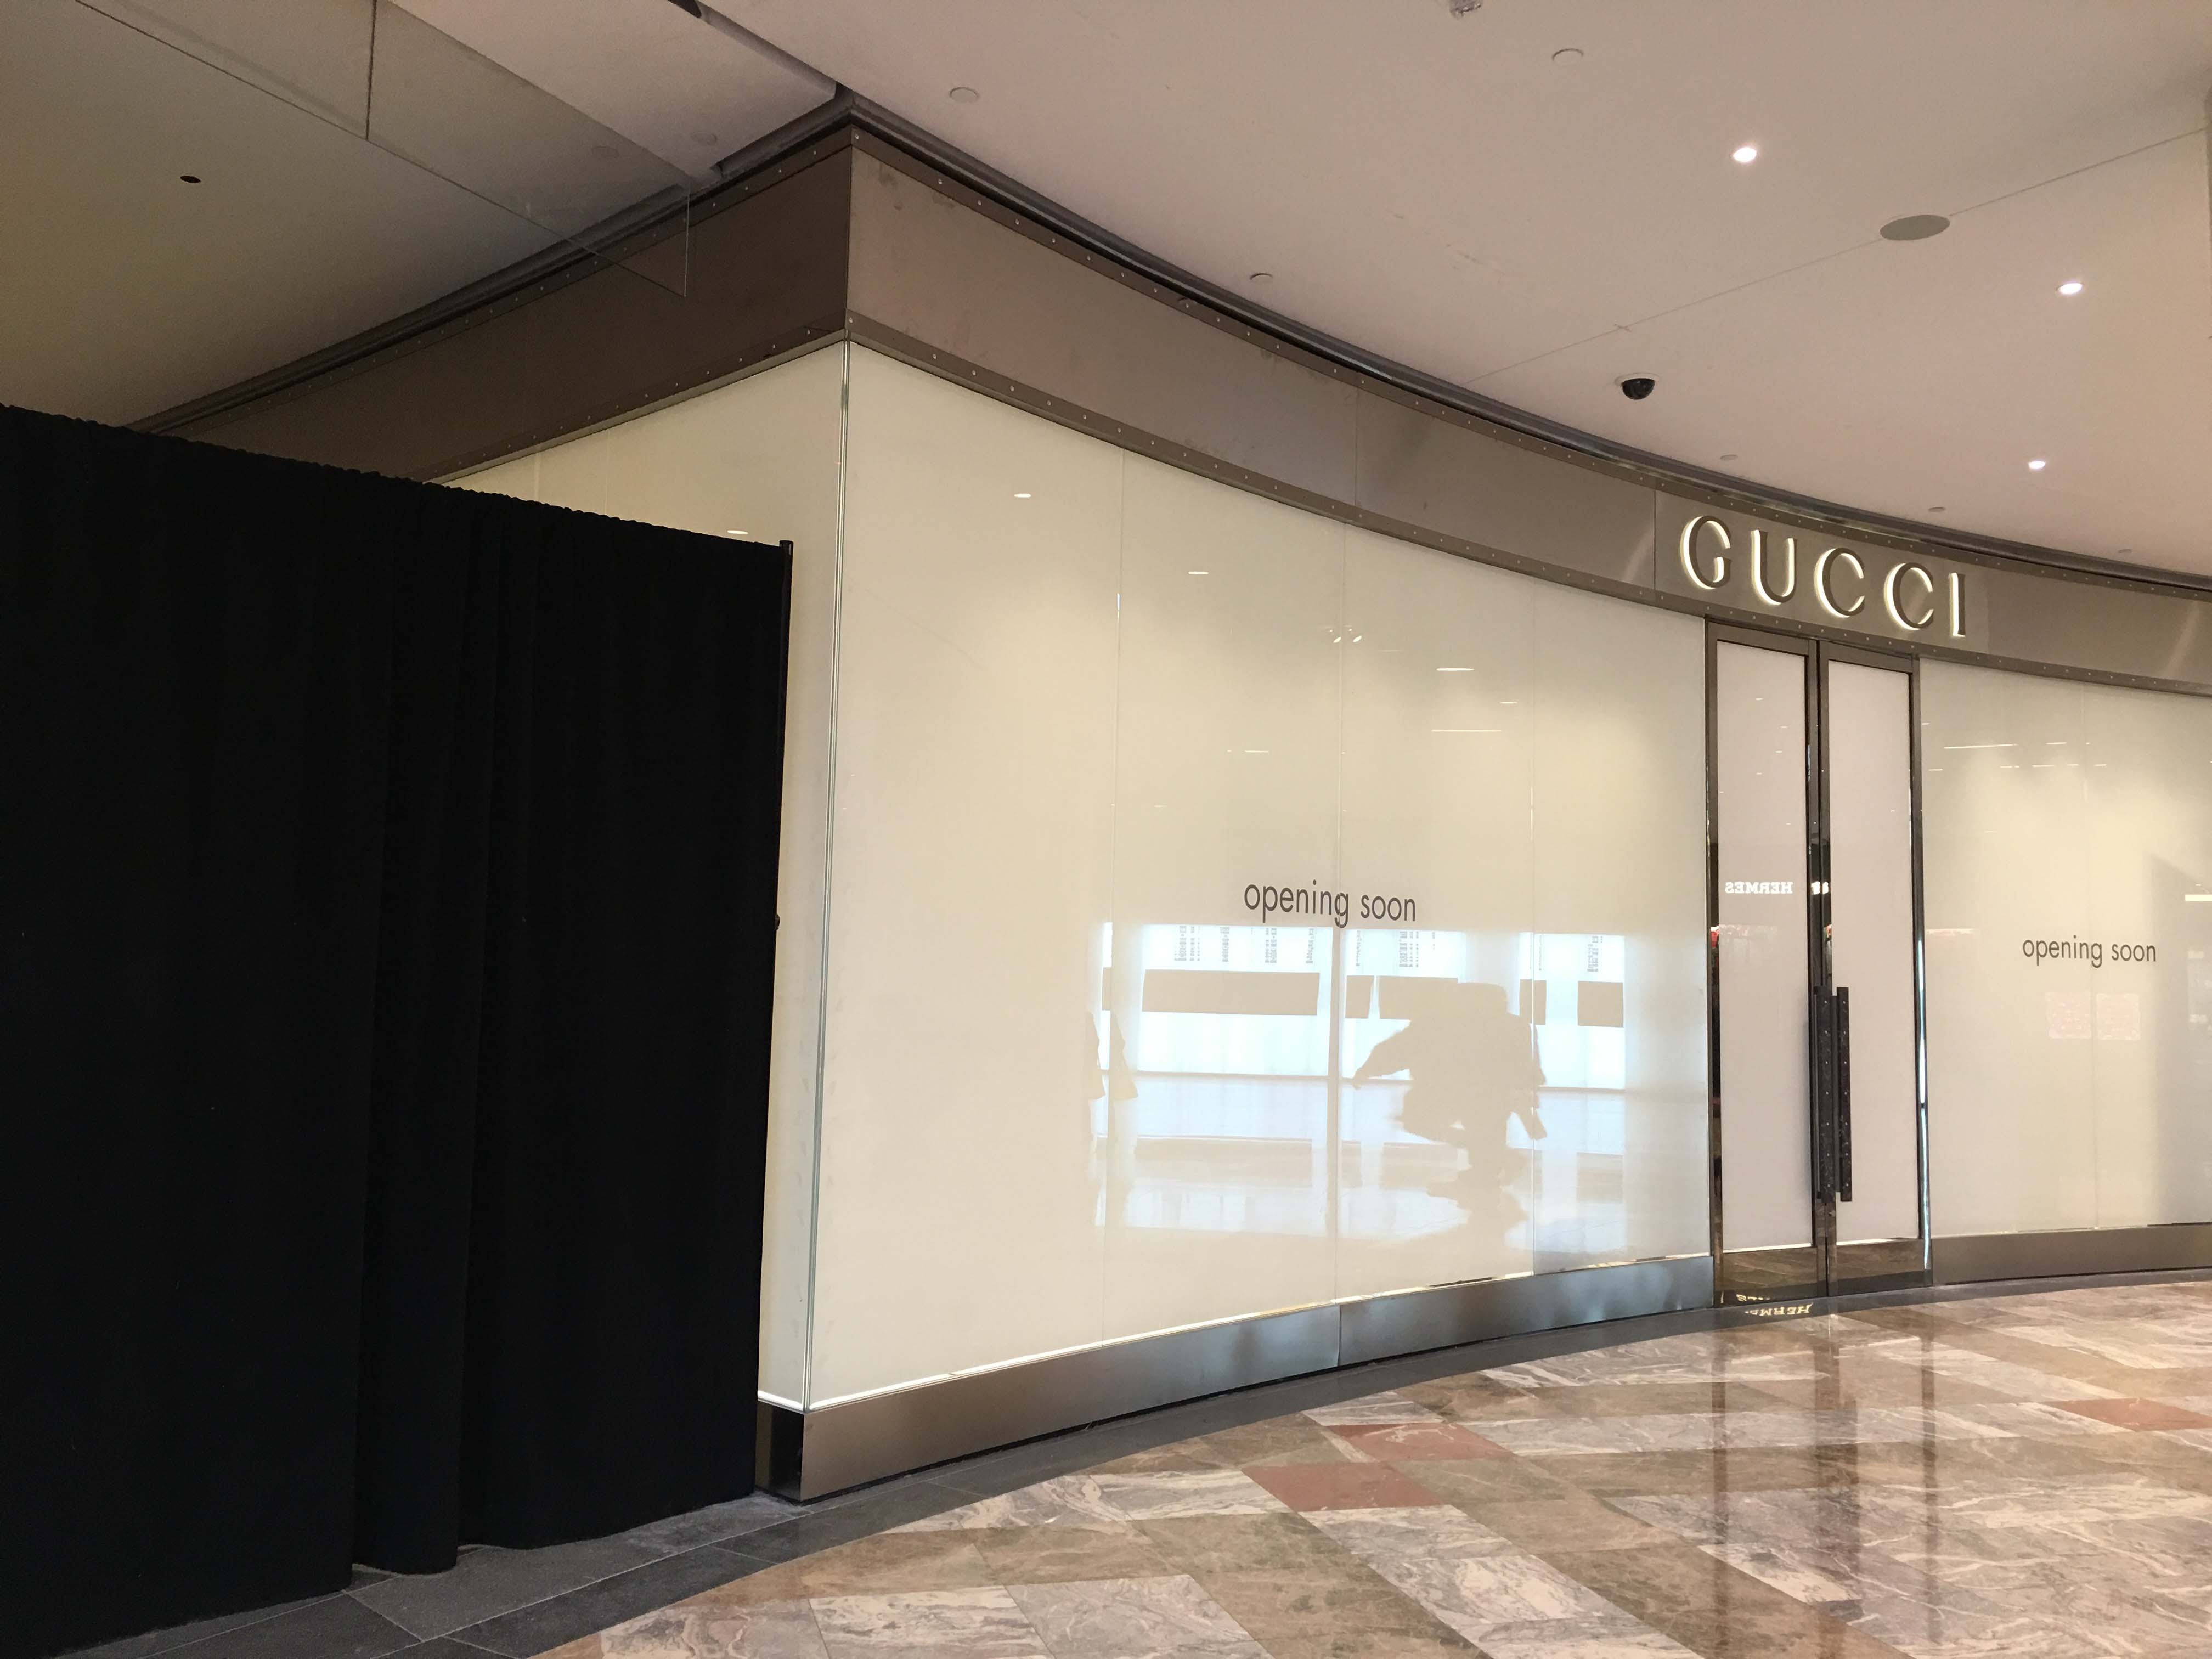 Gucci Brookfield 11-20-2015